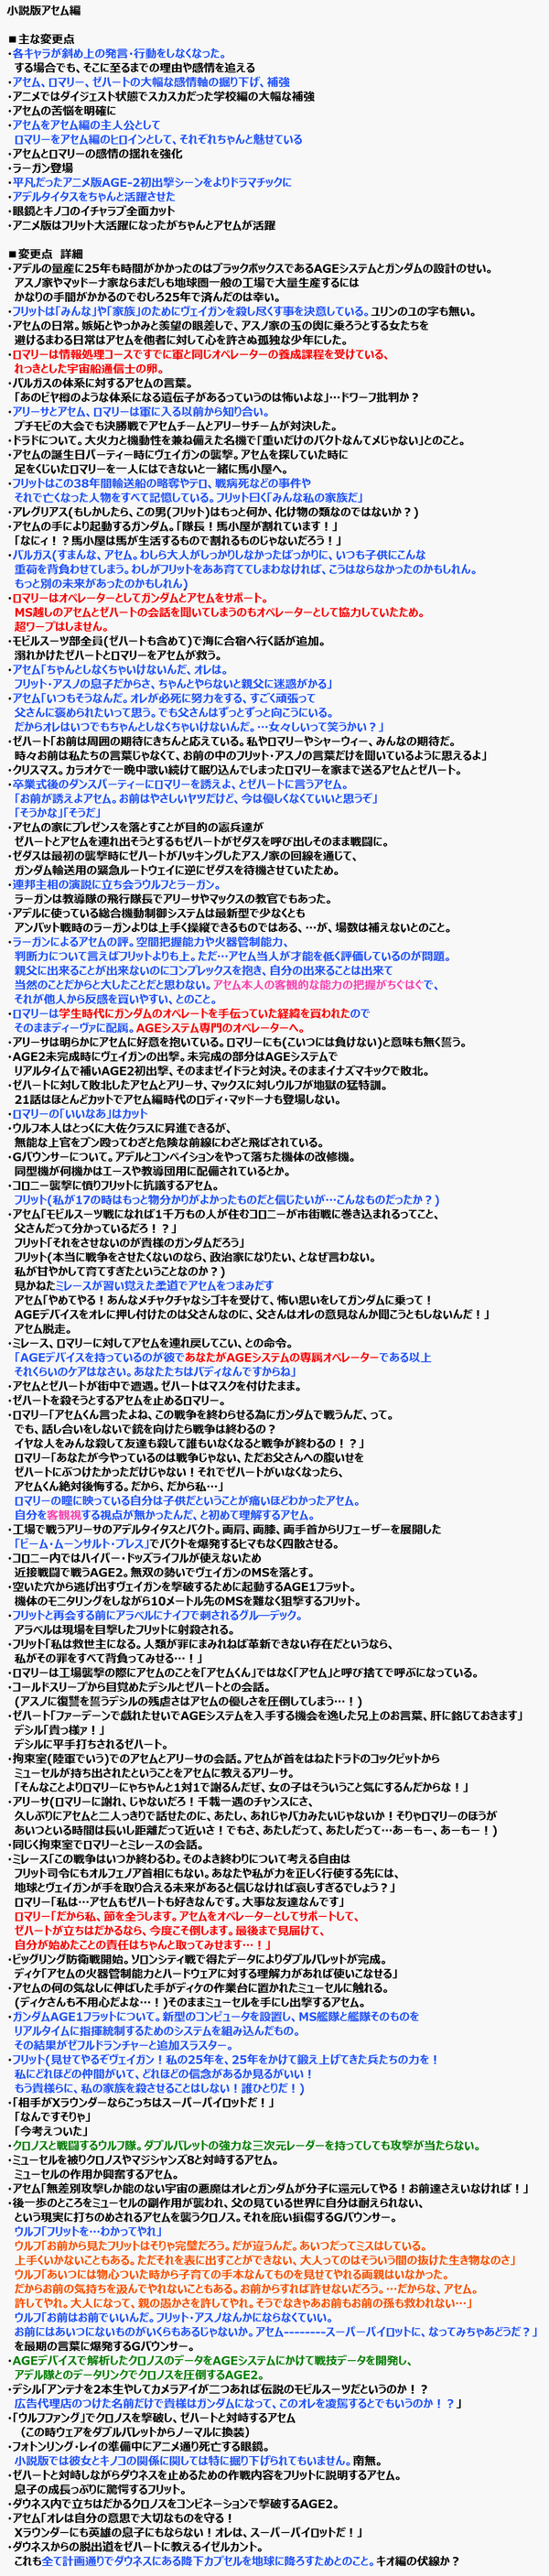 lib534165